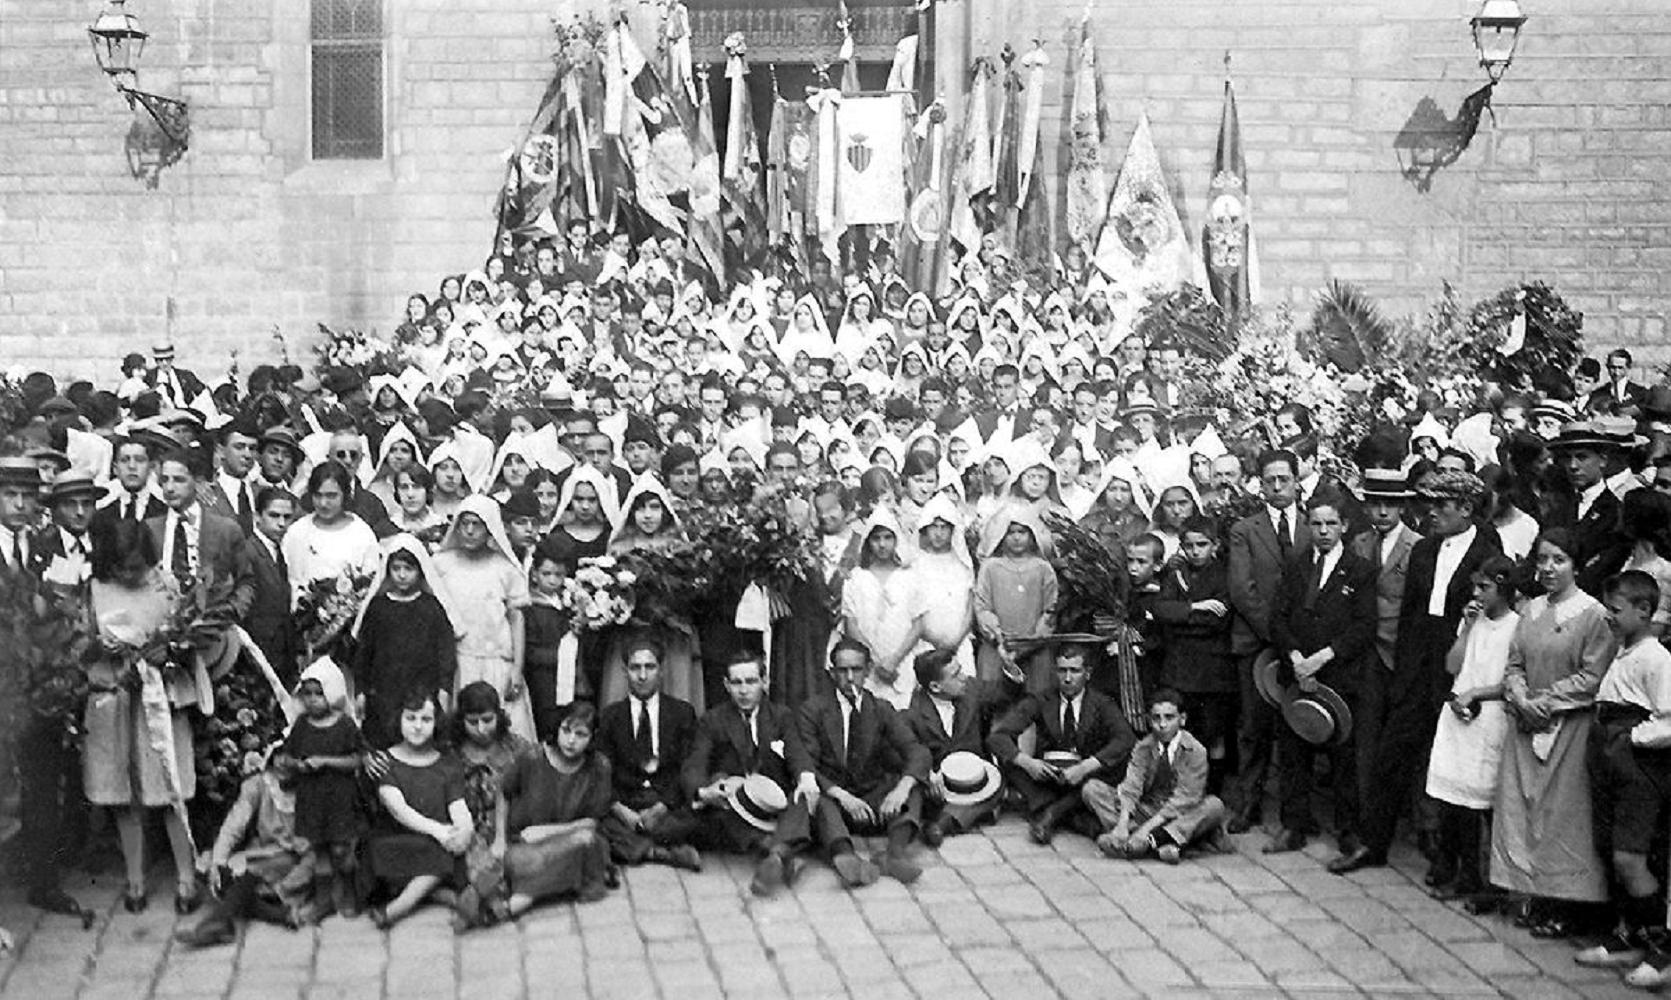 Diada 1923. Asociación Ramos de Juventud. Fuente Wikimedia Commons